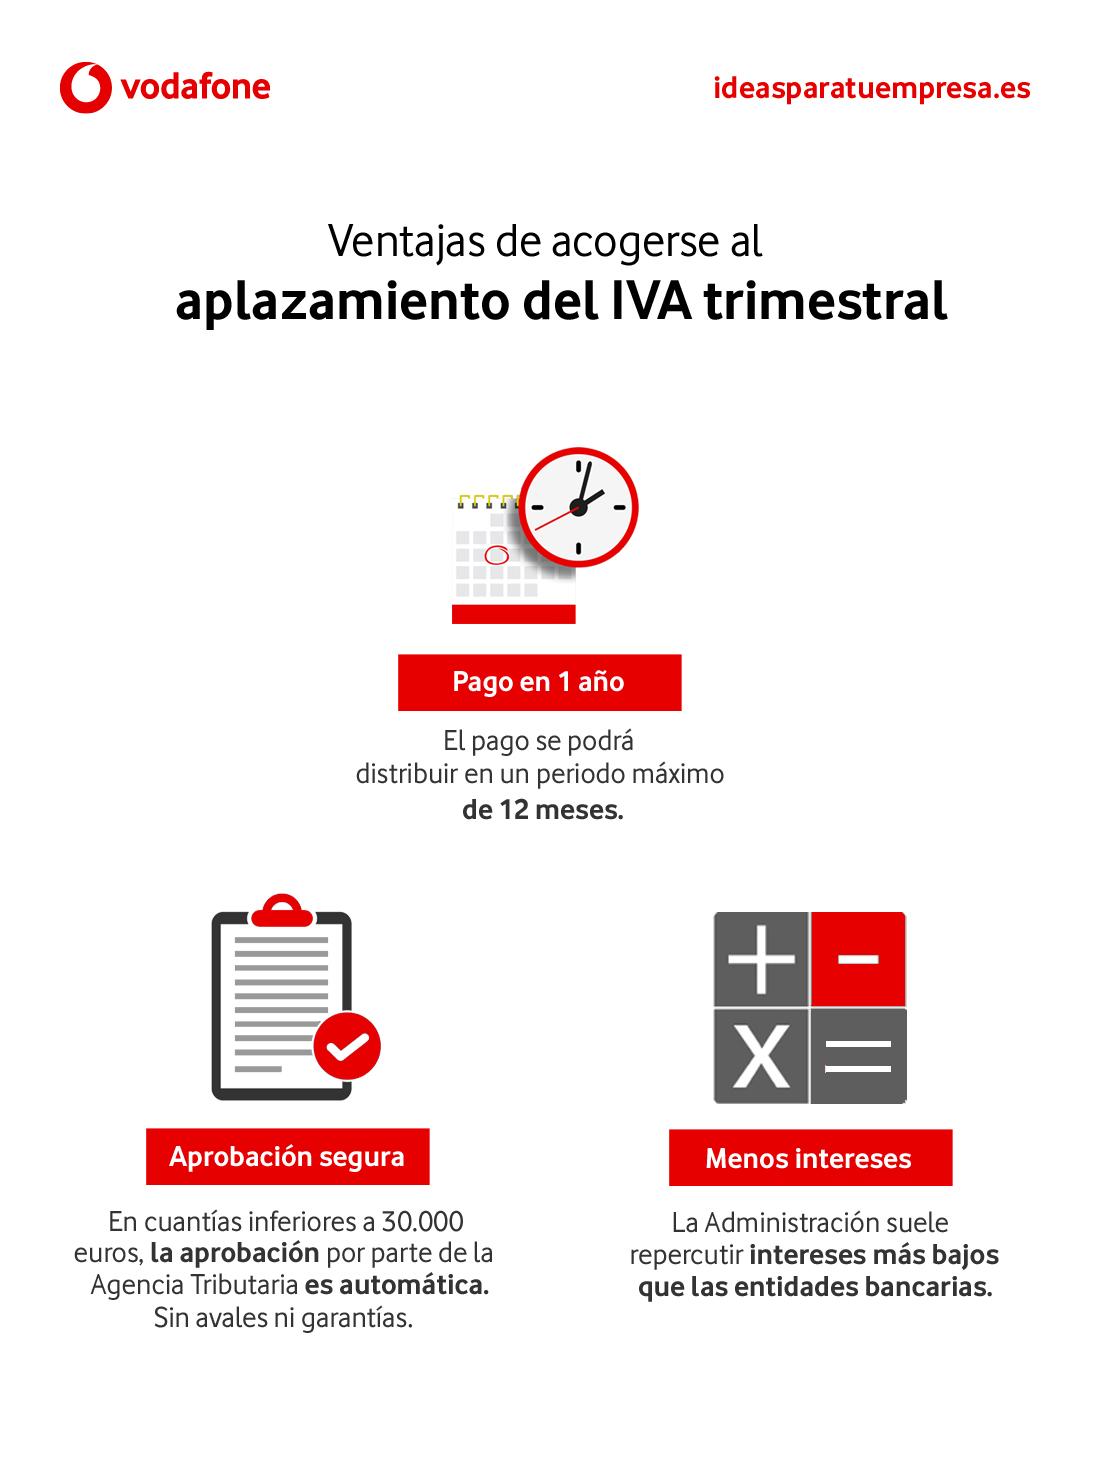 Ventajas de acogerse al aplazamiento del IVA trimestral